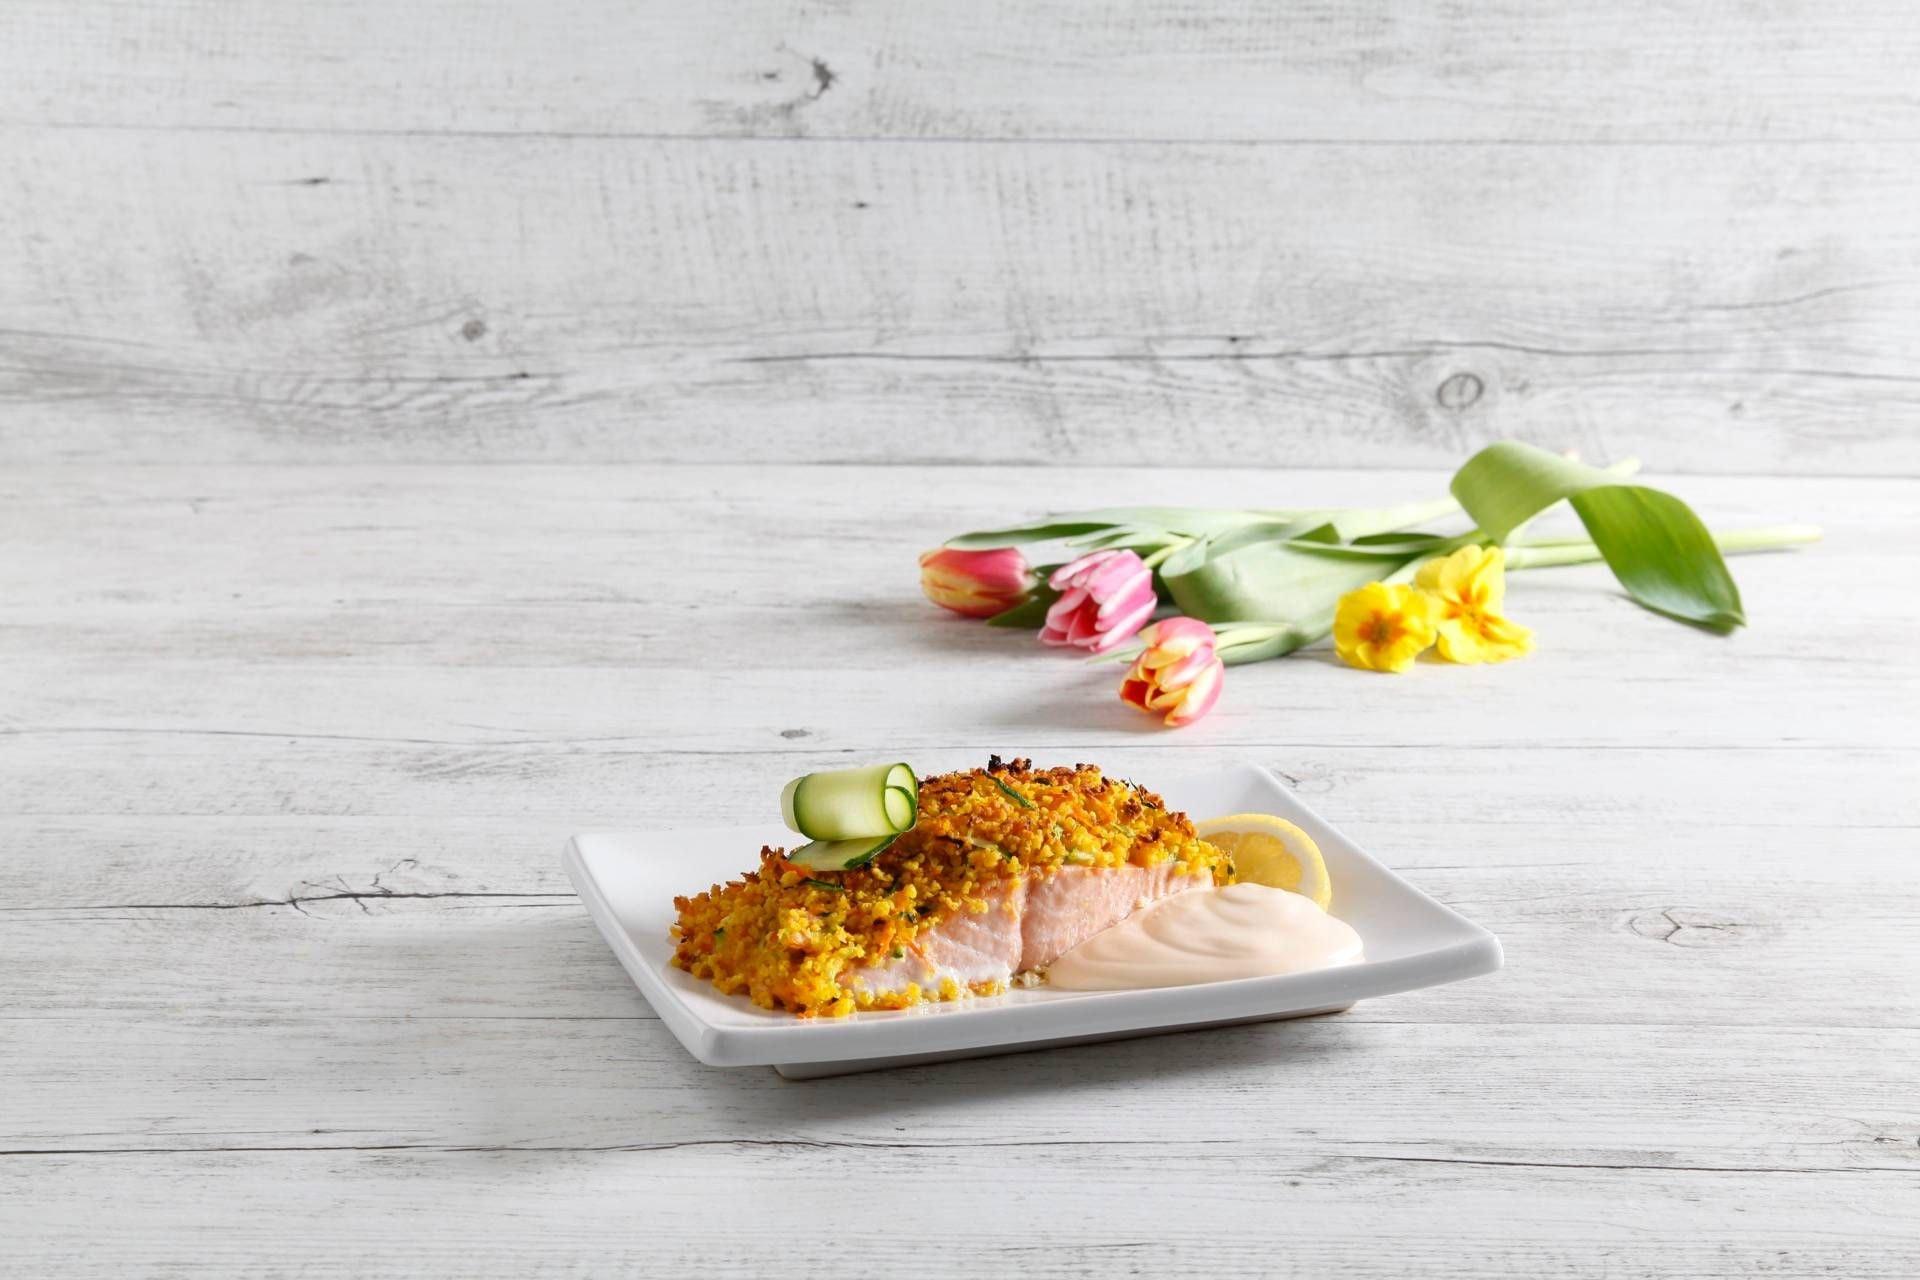 Filetto di Salmone in Crosta - Parmalat